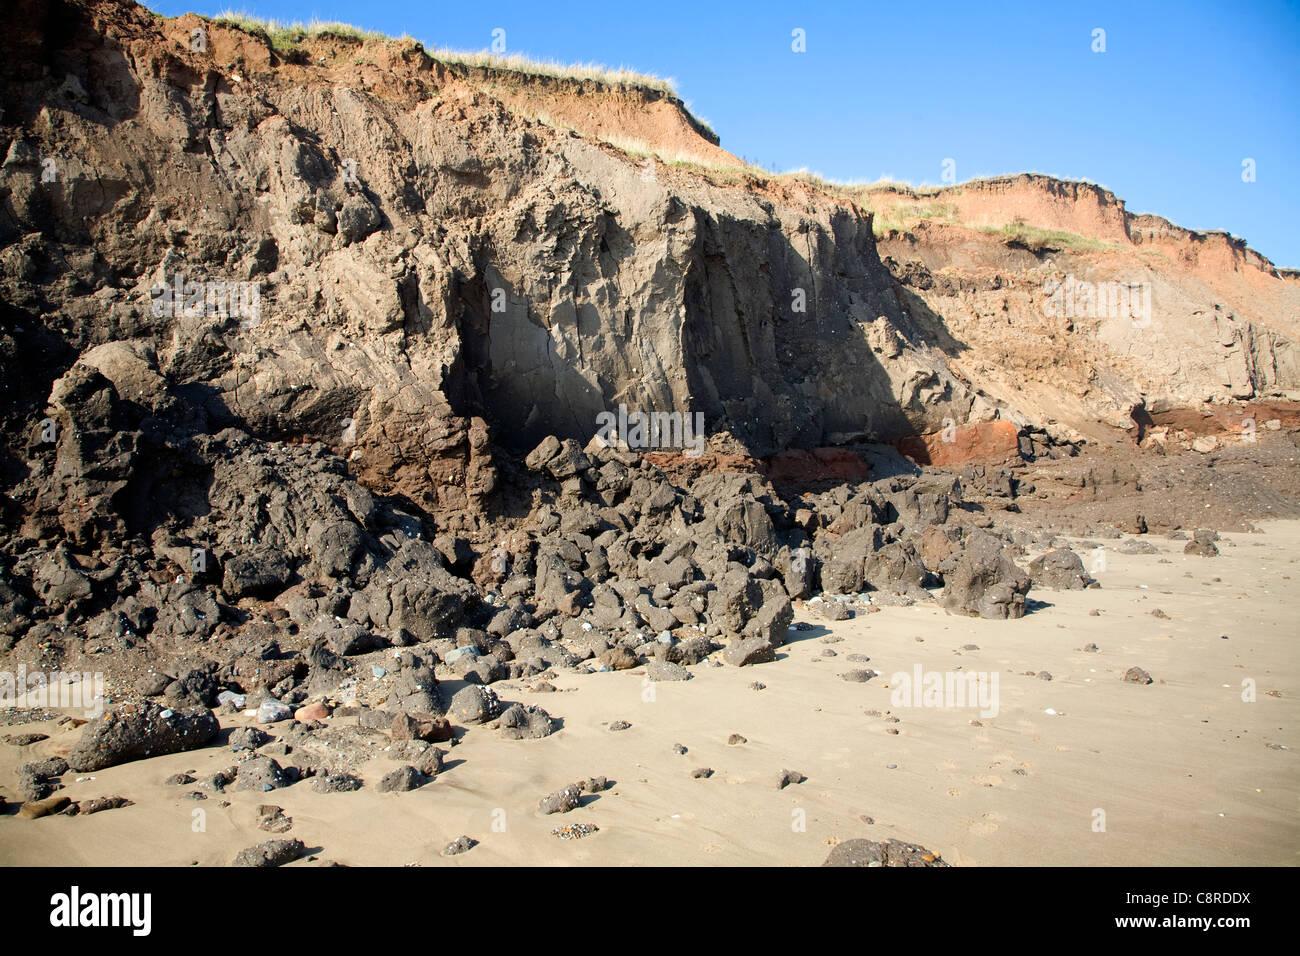 Image result for holderness coast cliffs